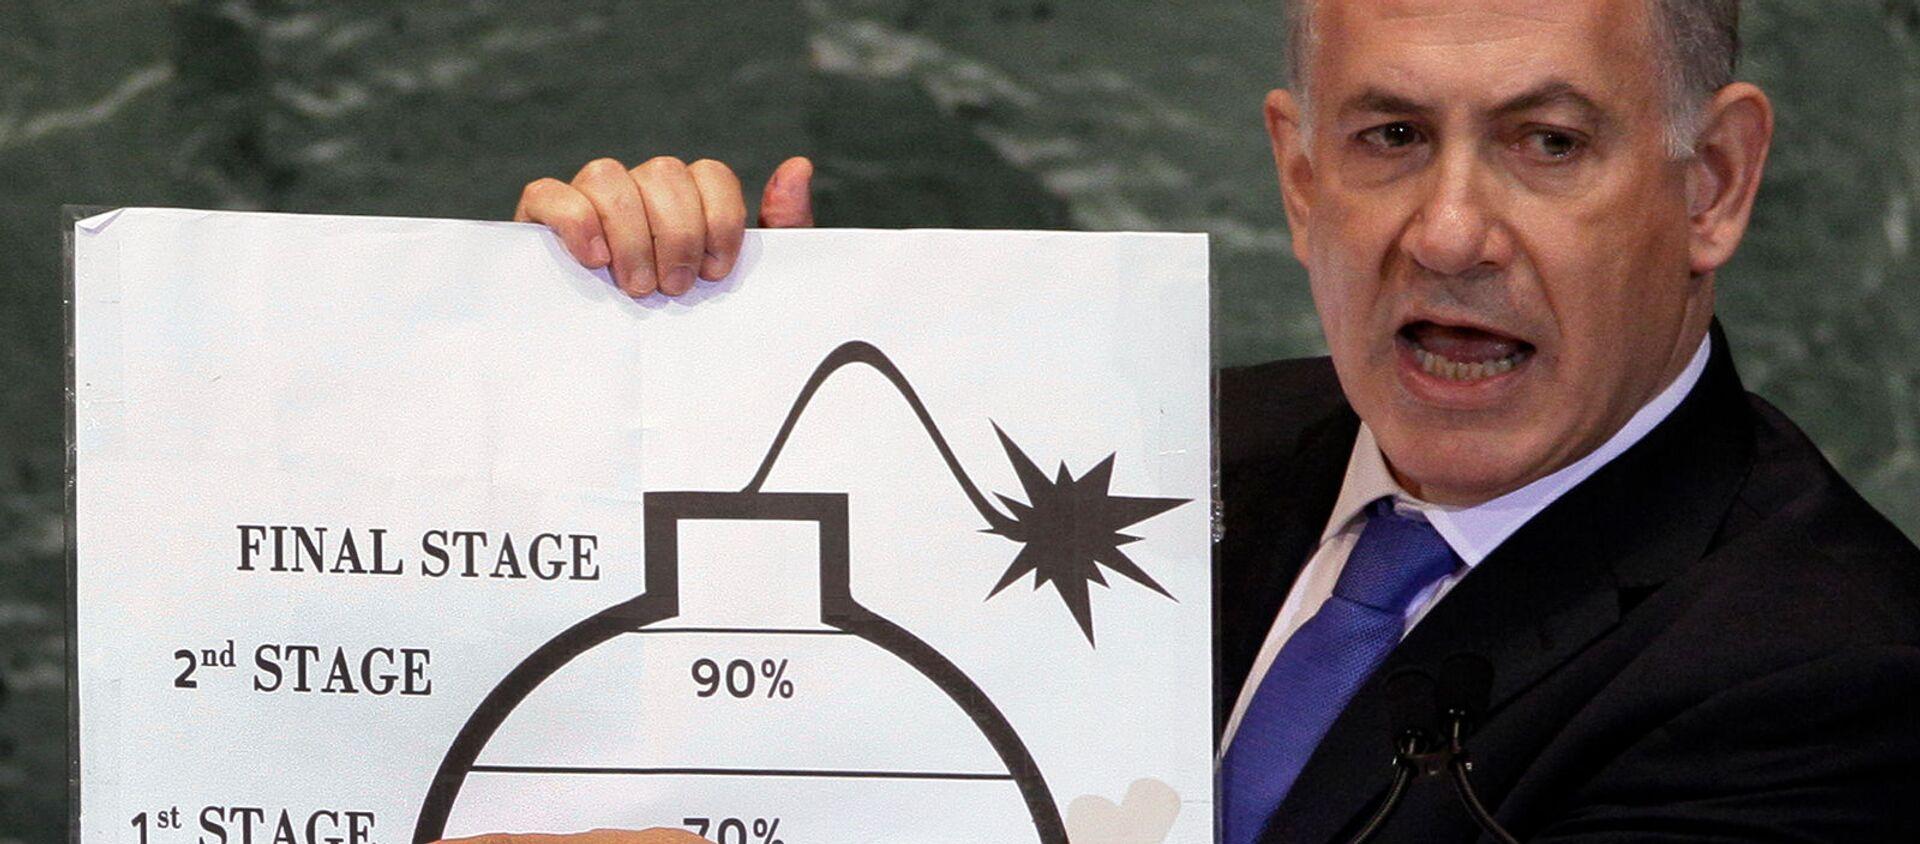 Премьер-министр Израиля Биньямин Нетаньяху демонстрирует свою озабоченность ядерными амбициями Ирана в своем выступлении на 67-й сессии Генеральной Ассамблеи ООН (27 сентября 2012). Нью-Йорк - Sputnik Армения, 1920, 08.04.2021